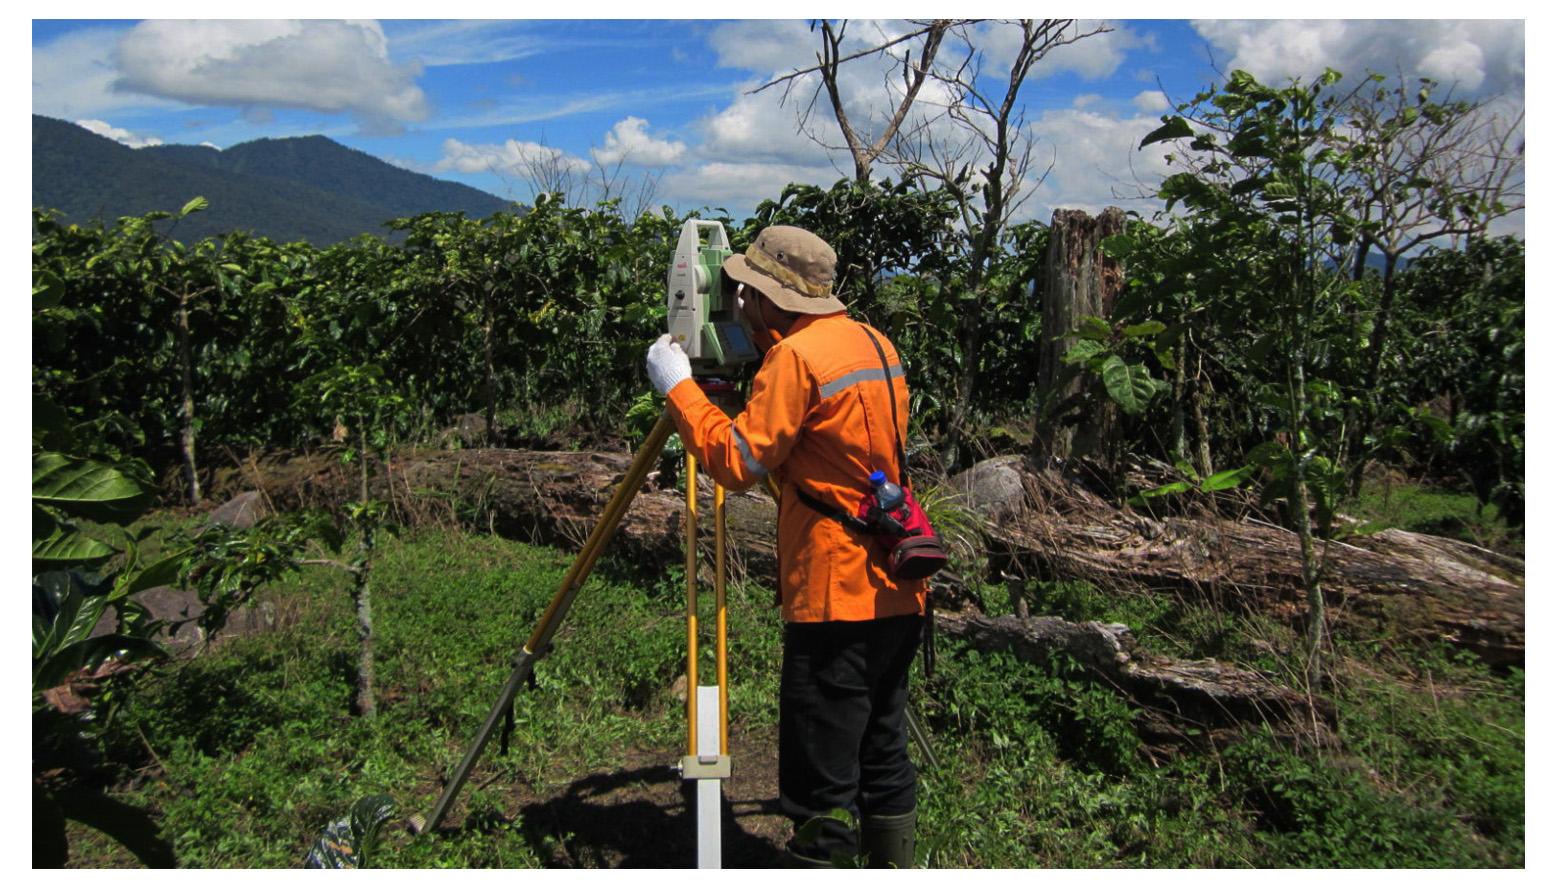 Harga Jasa Pemetaan / Pengukuran Tanah & Topografi di Samarinda Termurah